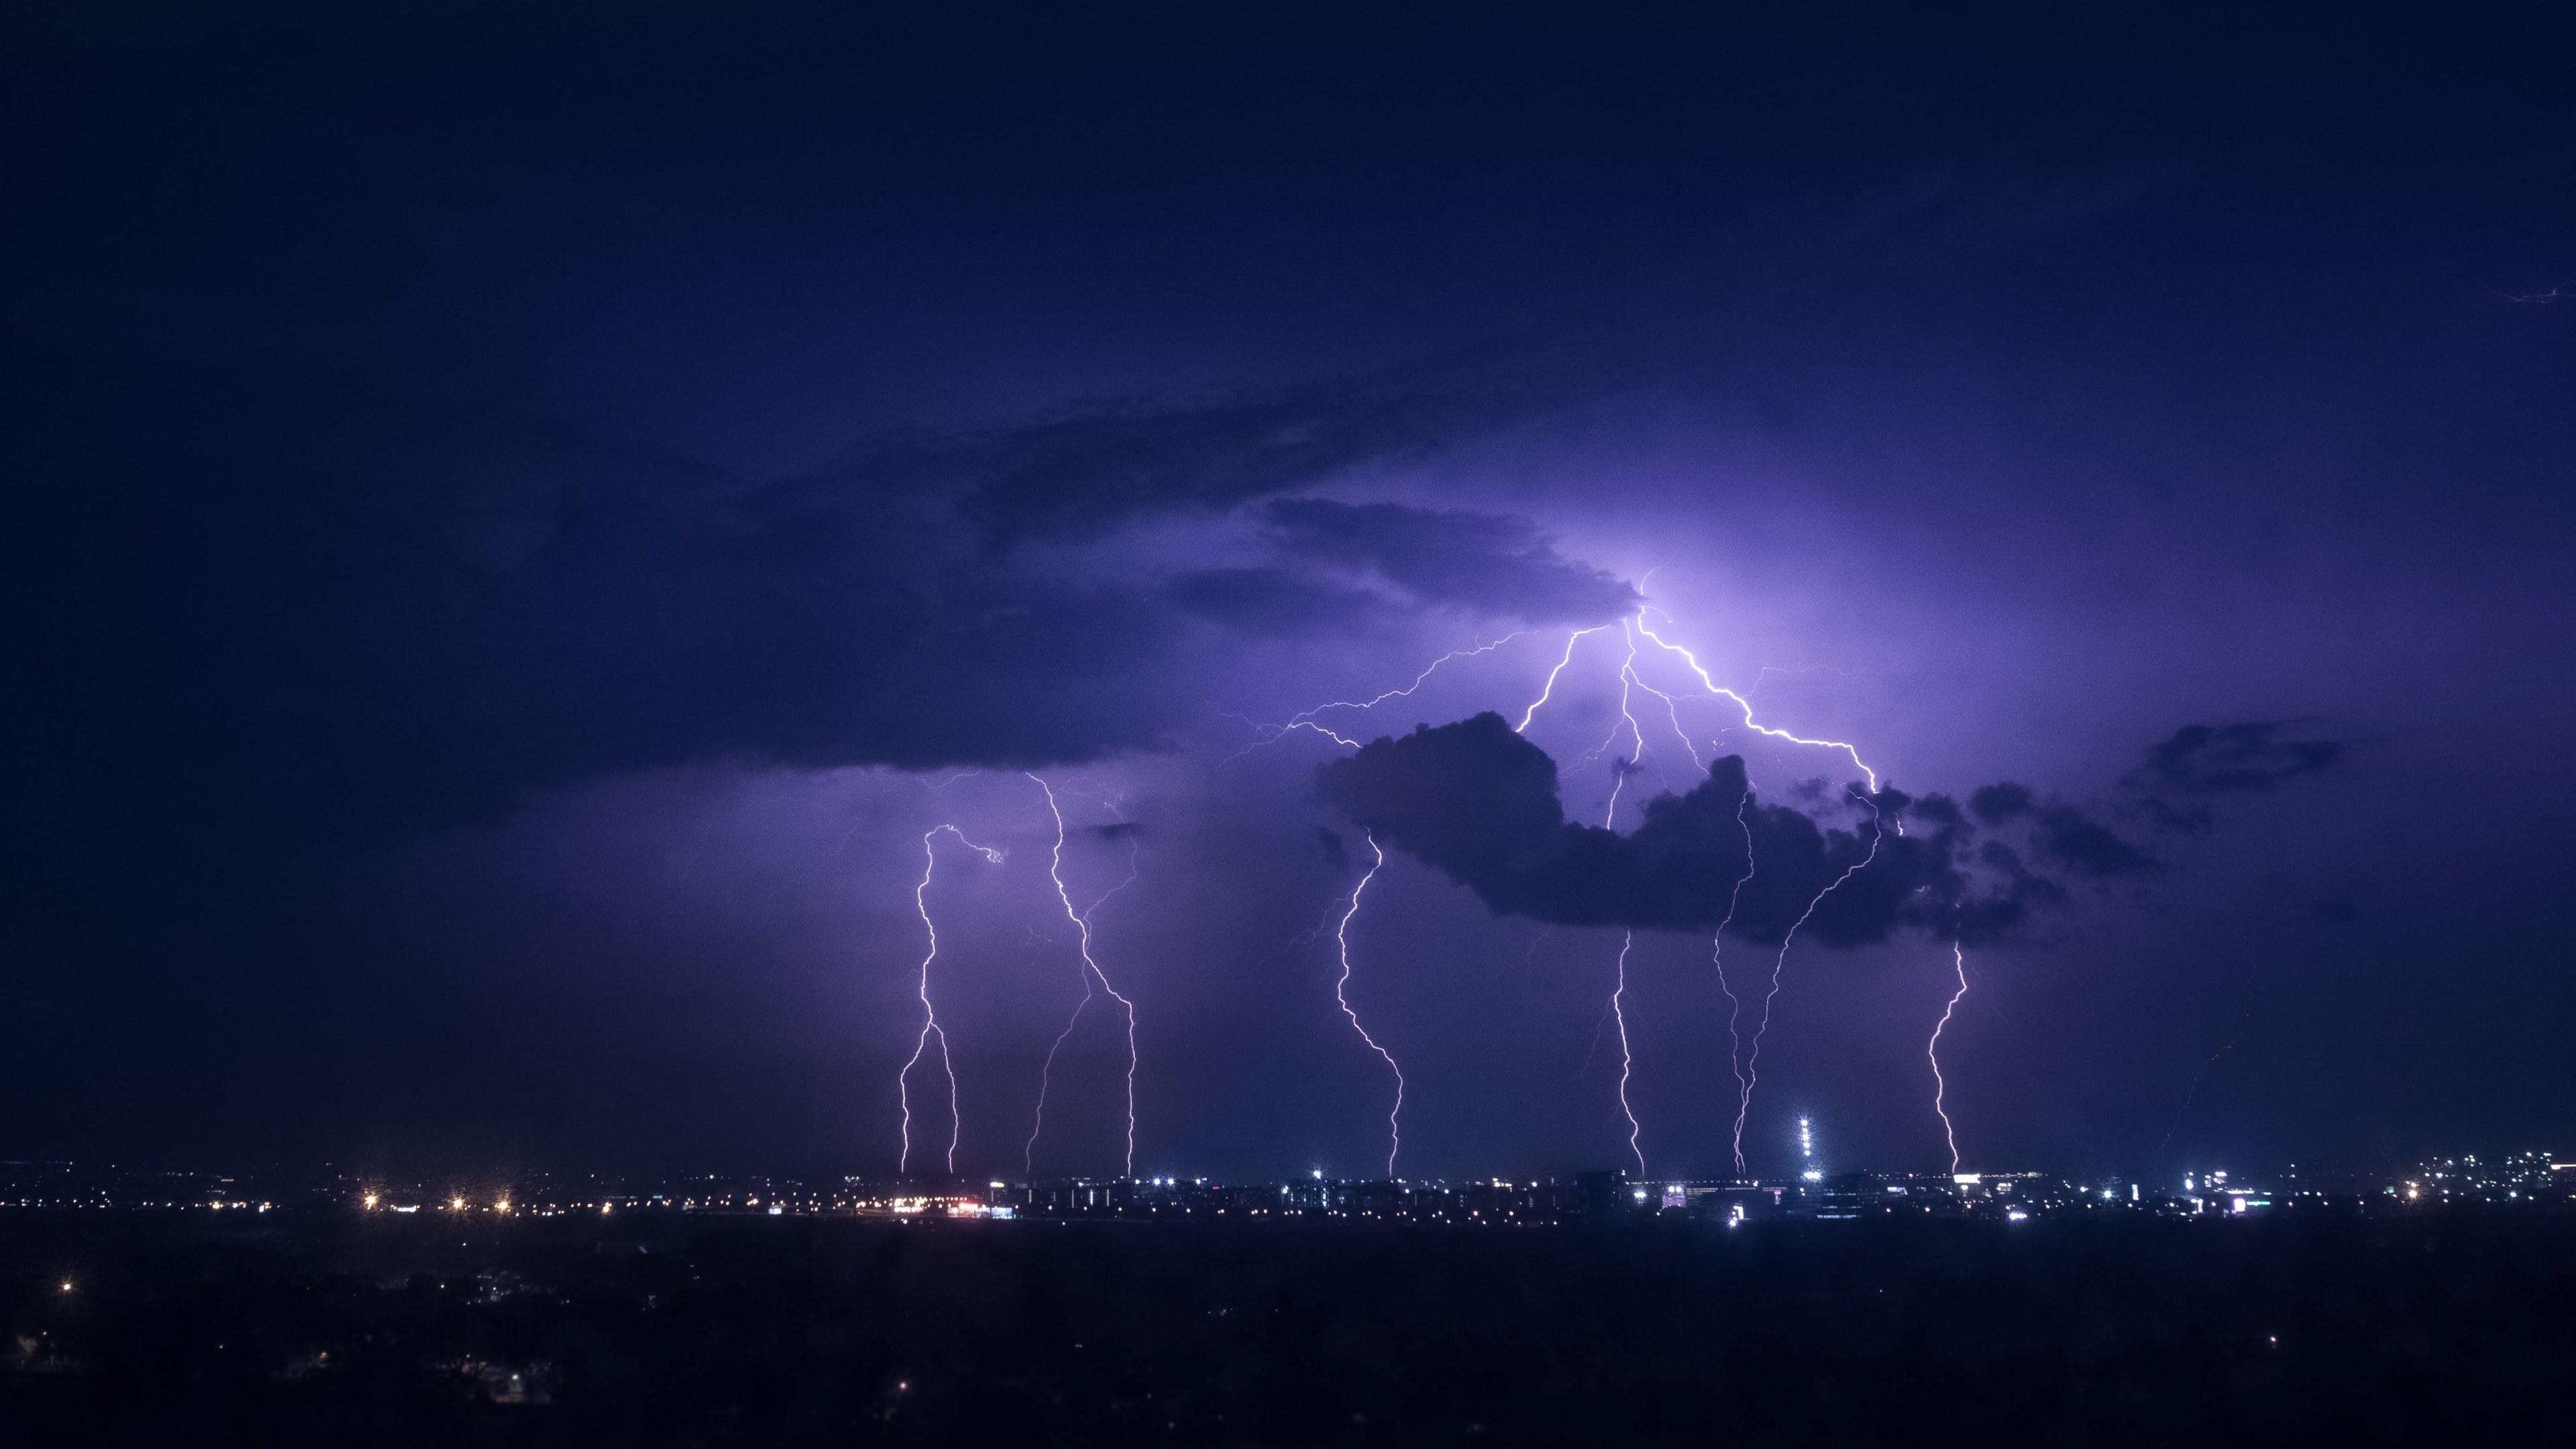 Sky Hd 4k Wallpaper - Lightning At ...